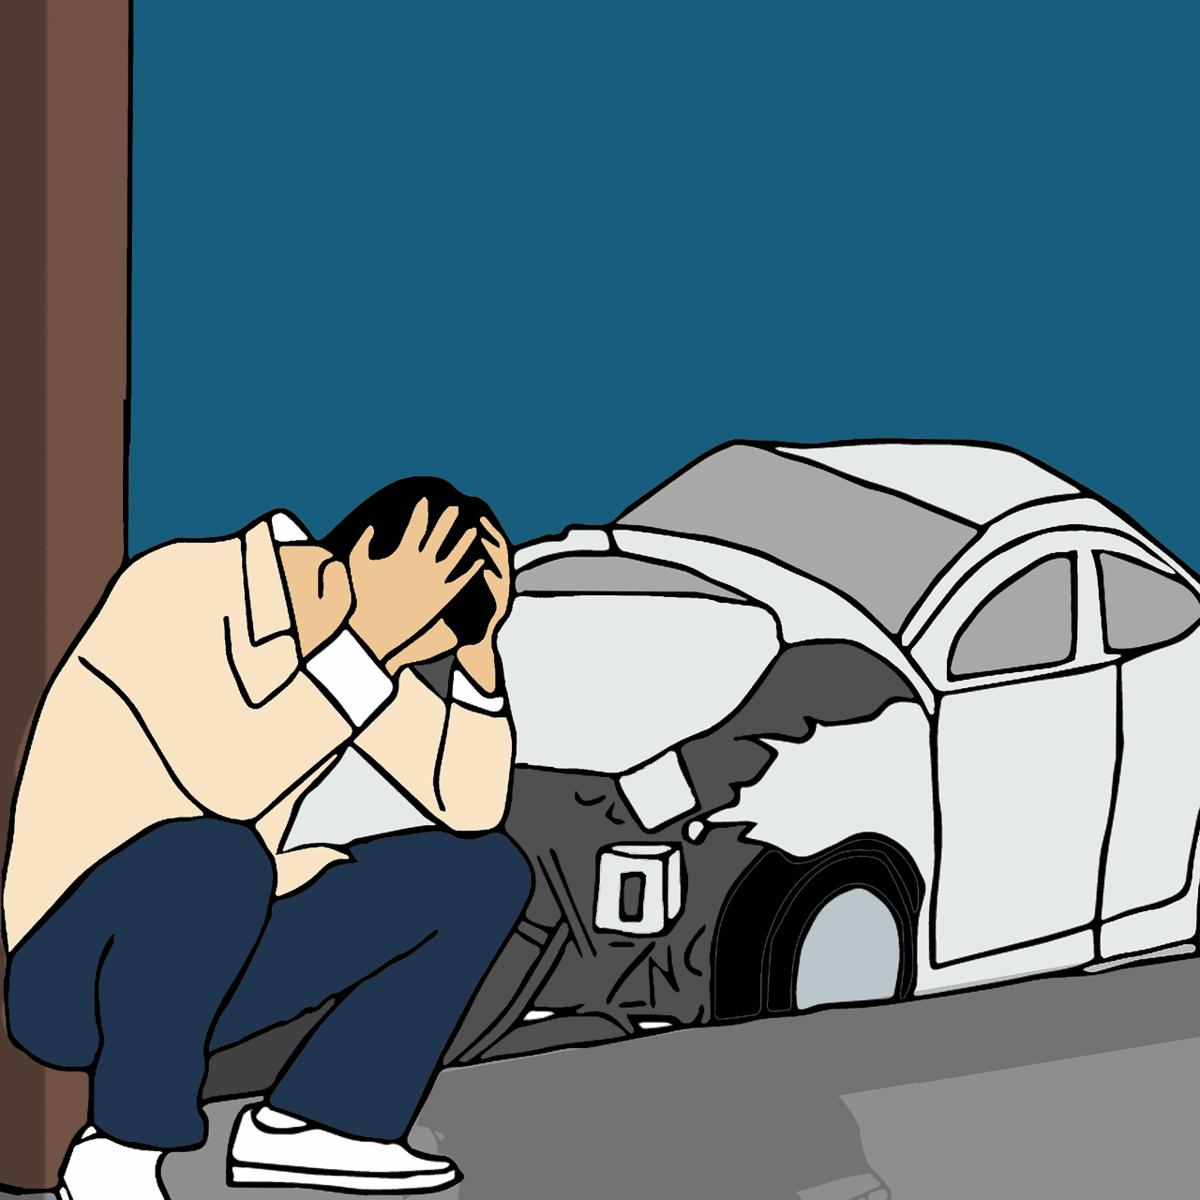 יושב מחכה לחברת הביטוח